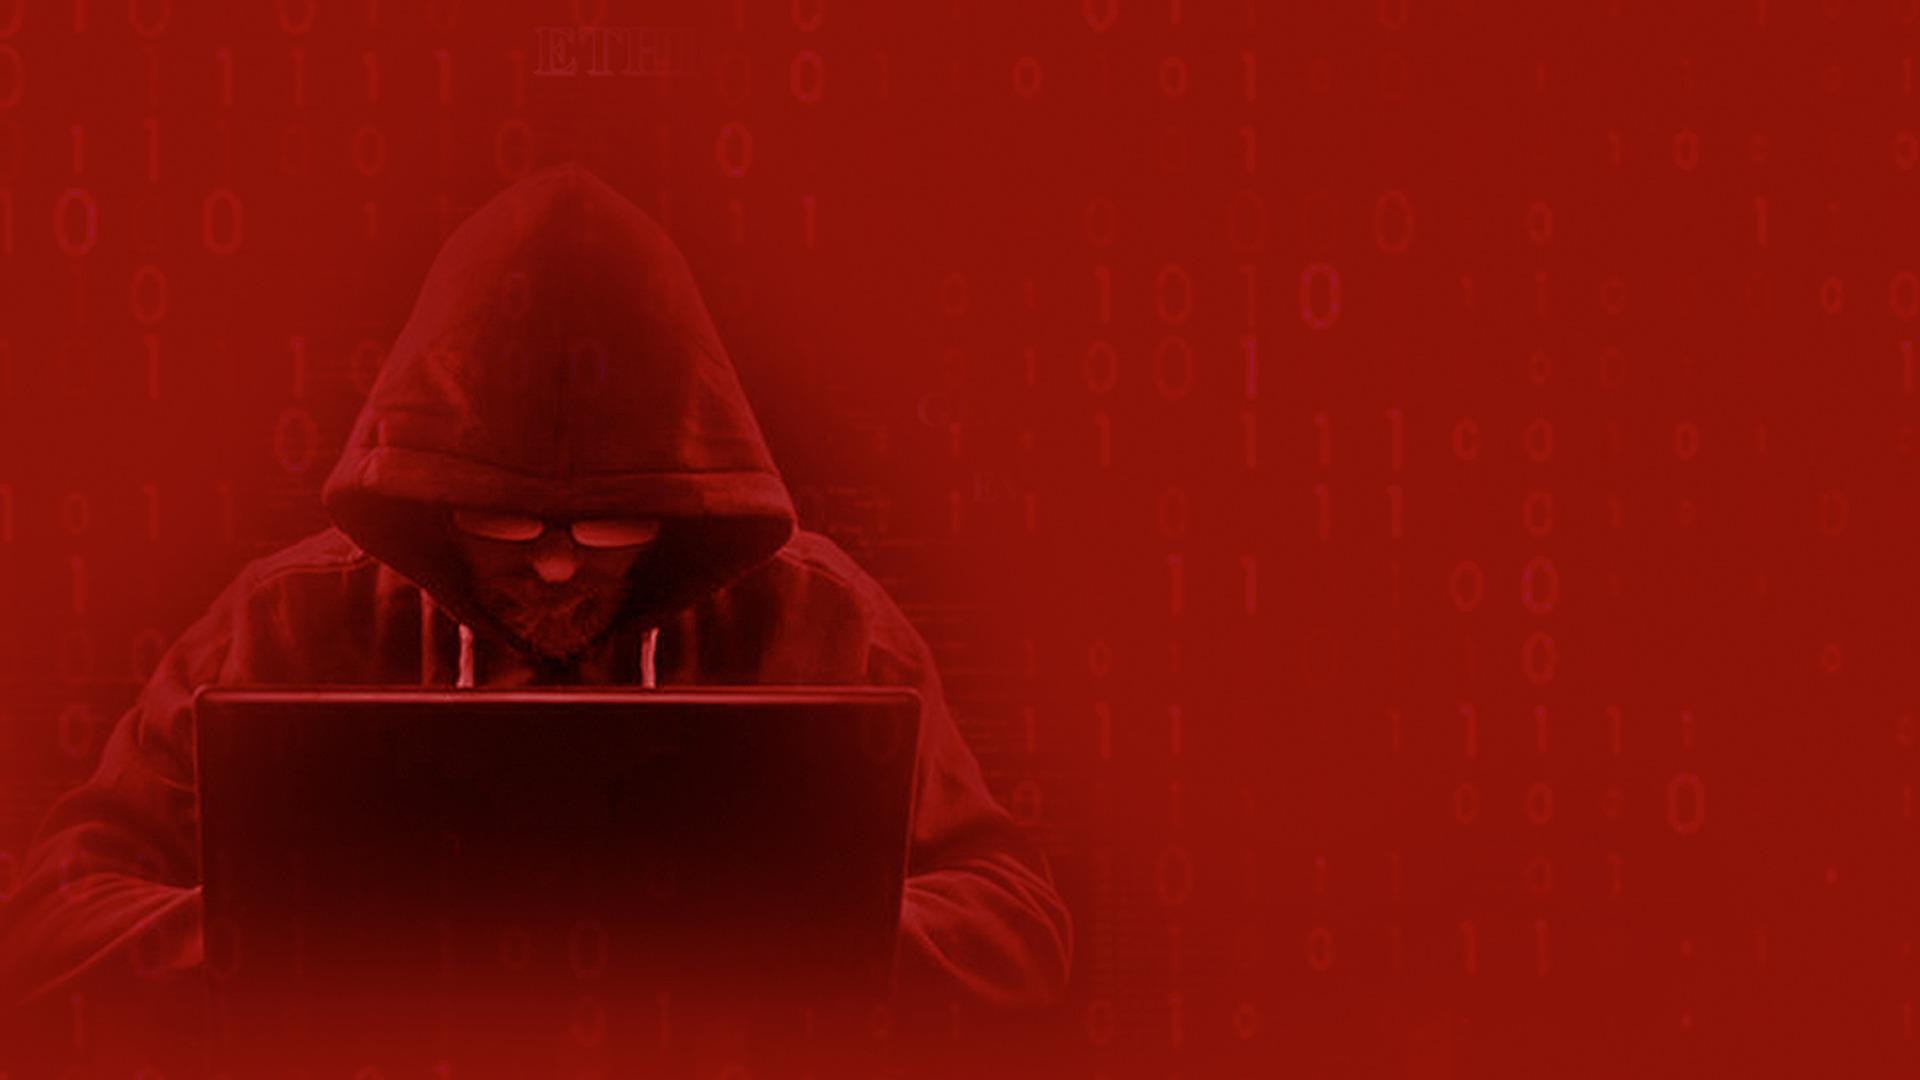 Intentos de fraude en línea incrementaron en 4T